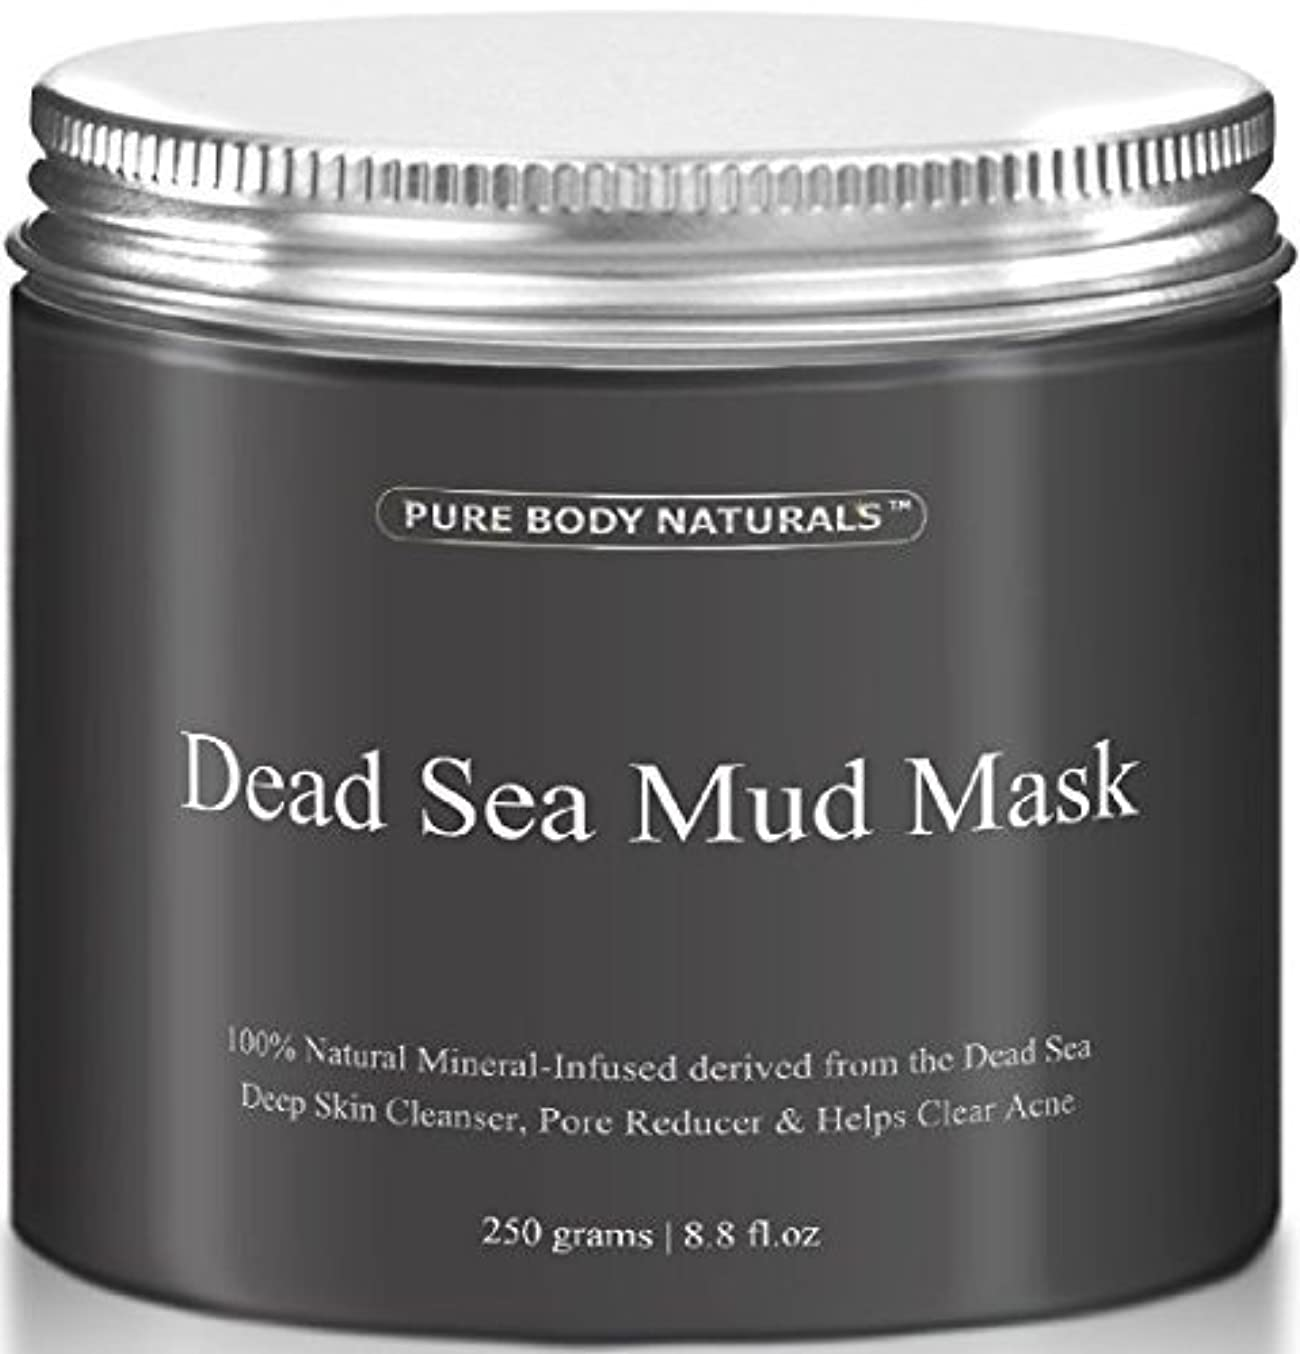 ログレタッチ彼はDead Sea Mud Mask 死海の泥マスク 250g [並行輸入品]